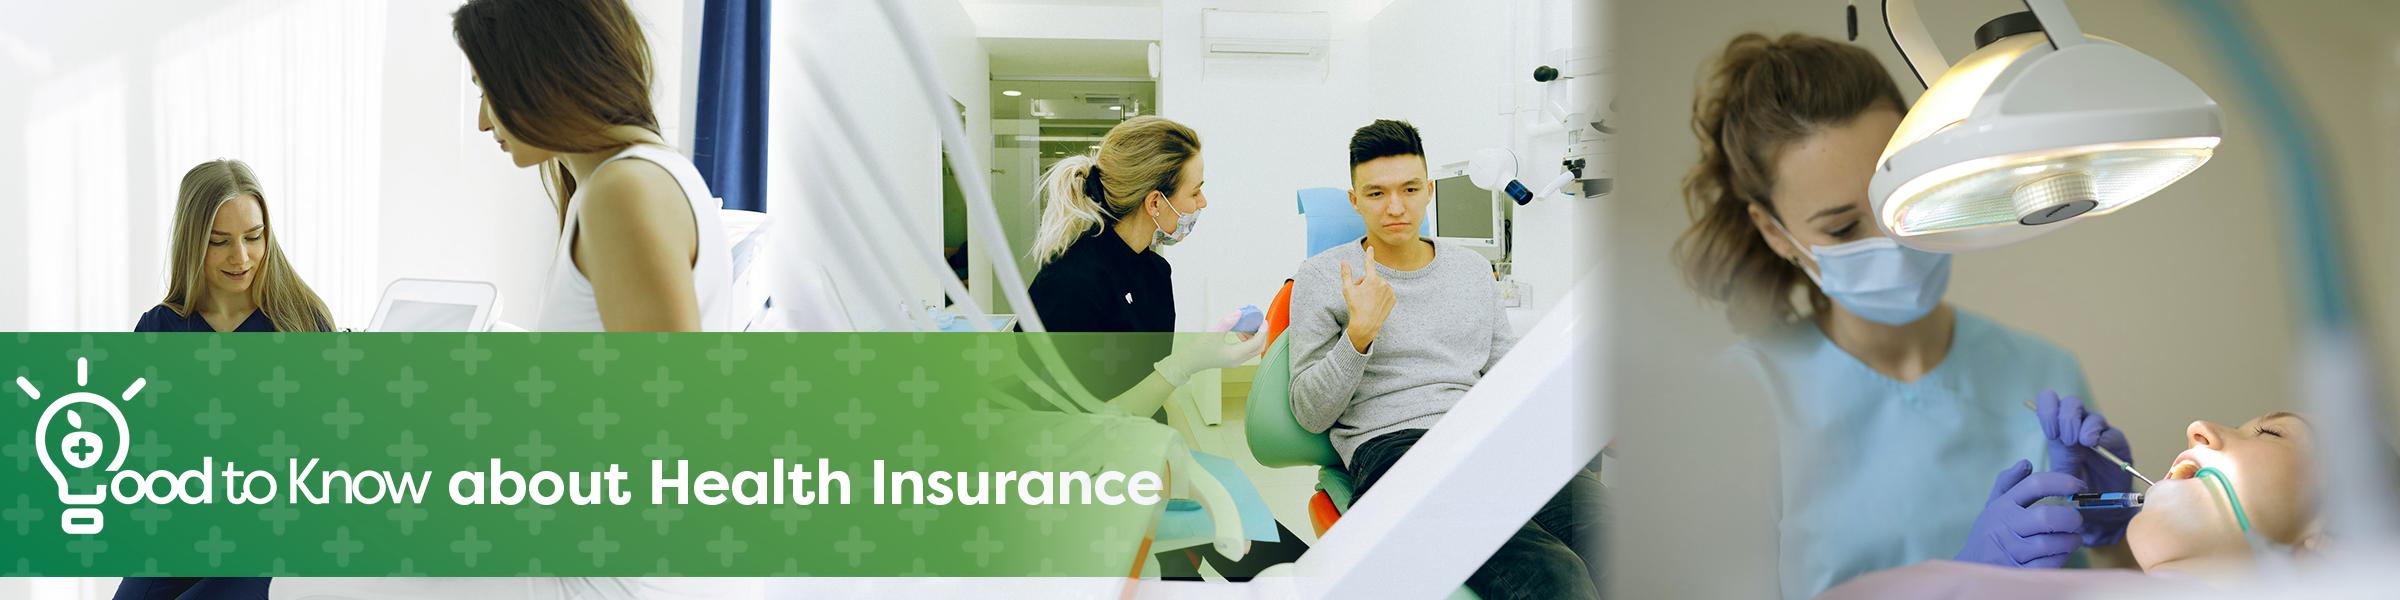 health insurance blog banner